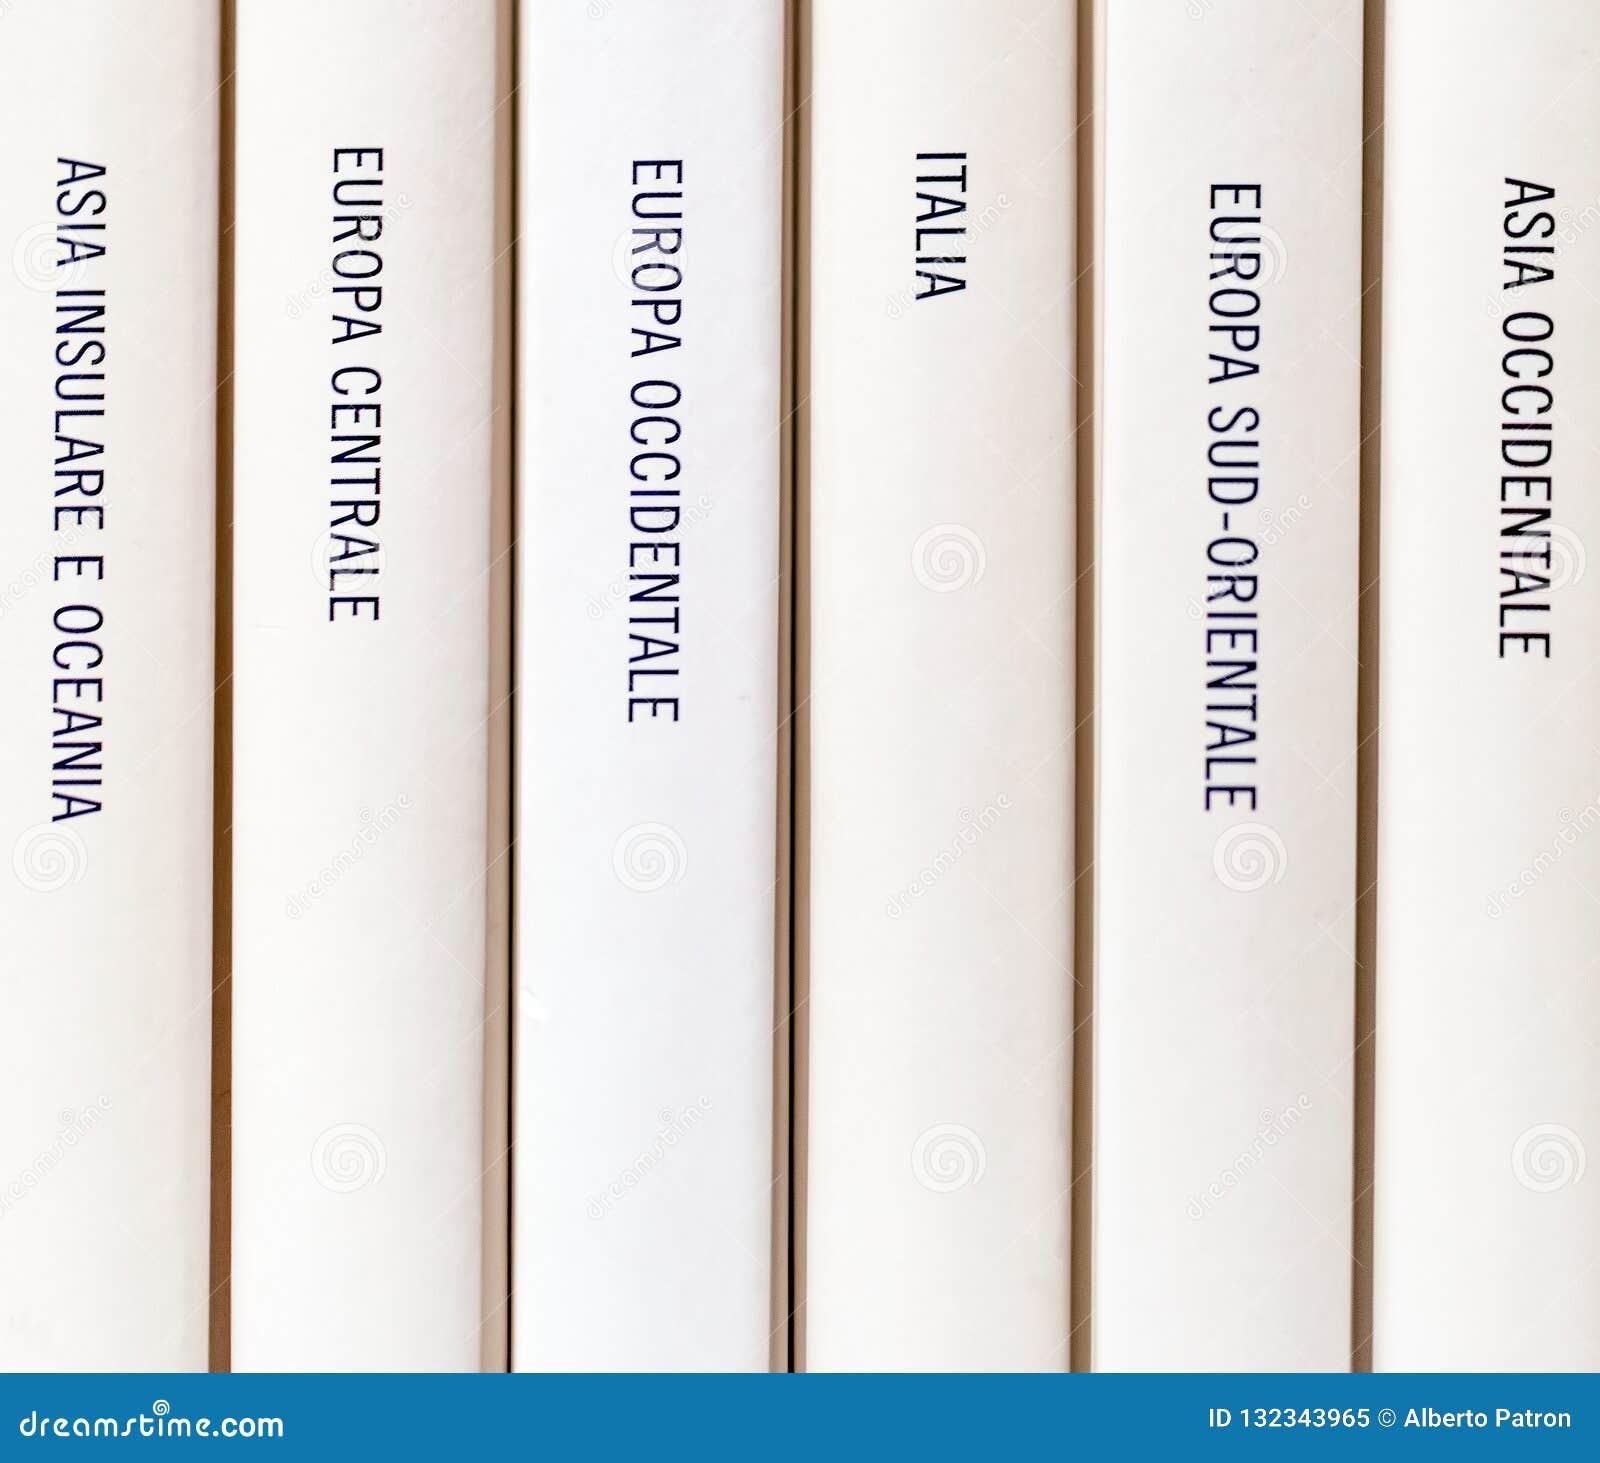 Europäische Geografie geschrieben auf ein Buch